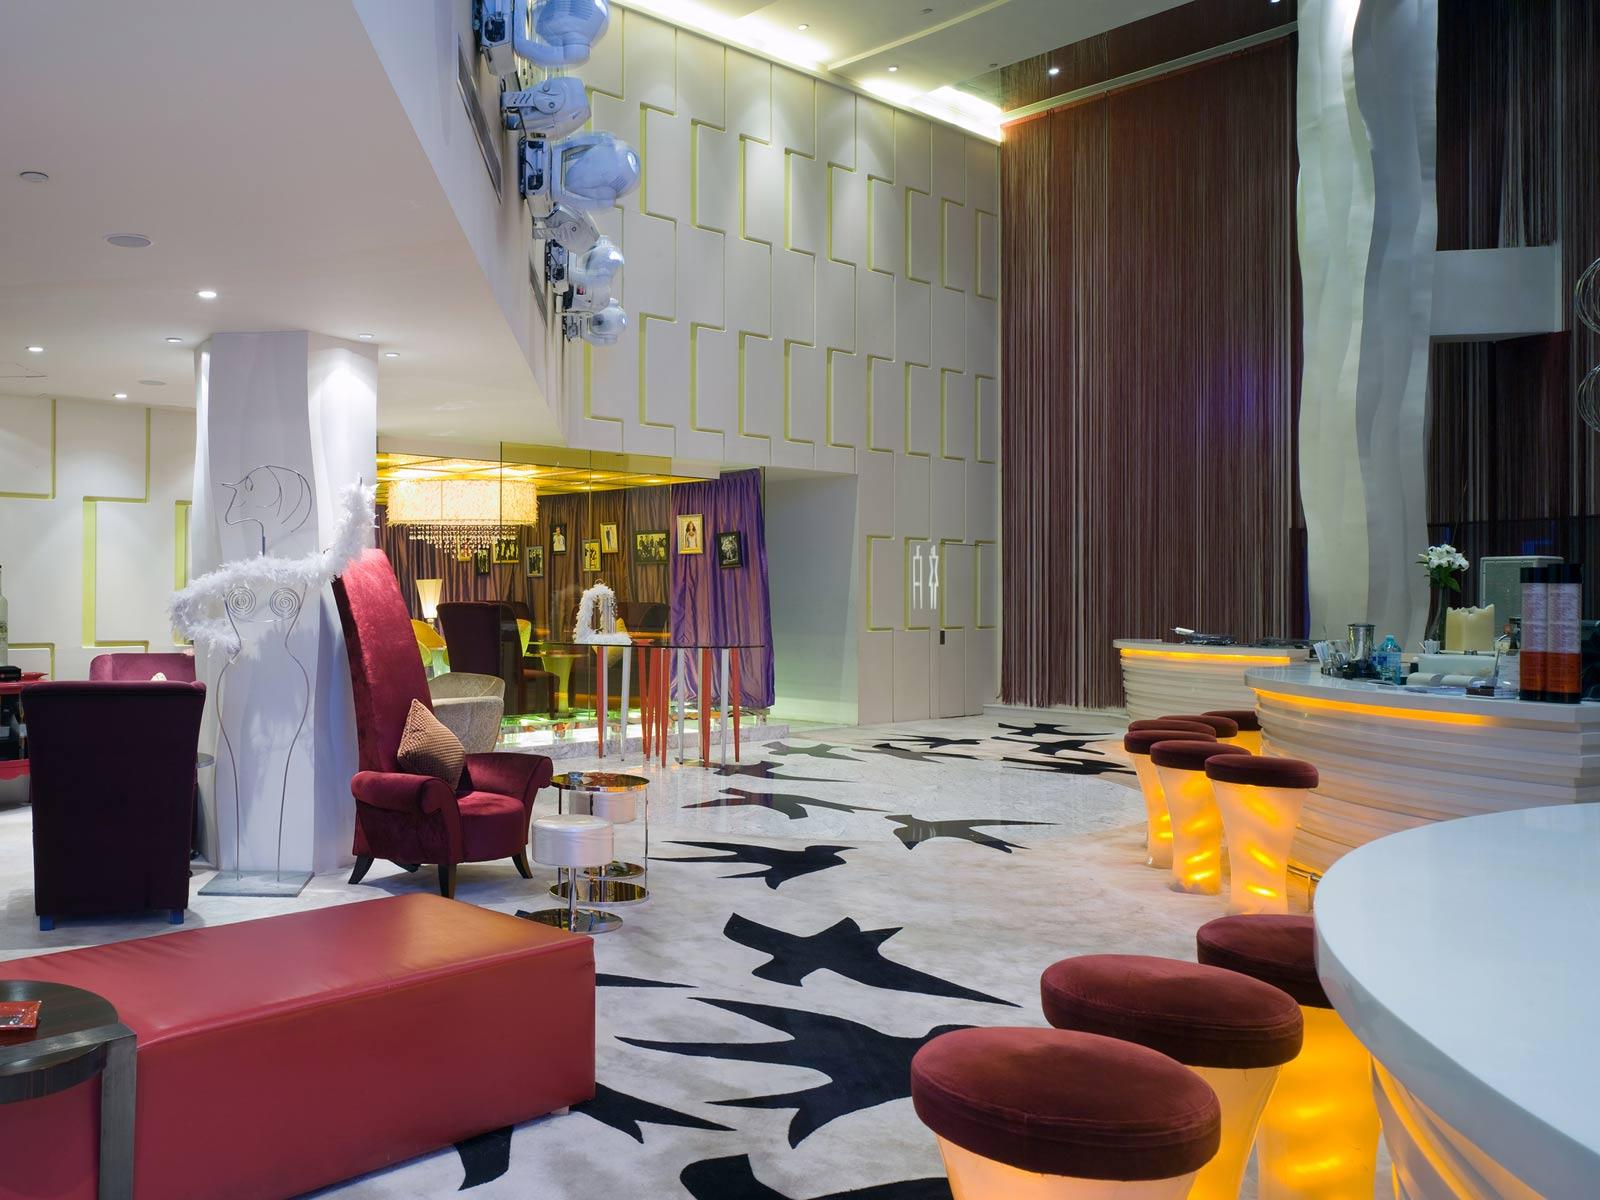 Imagine These Hotel Interior Design